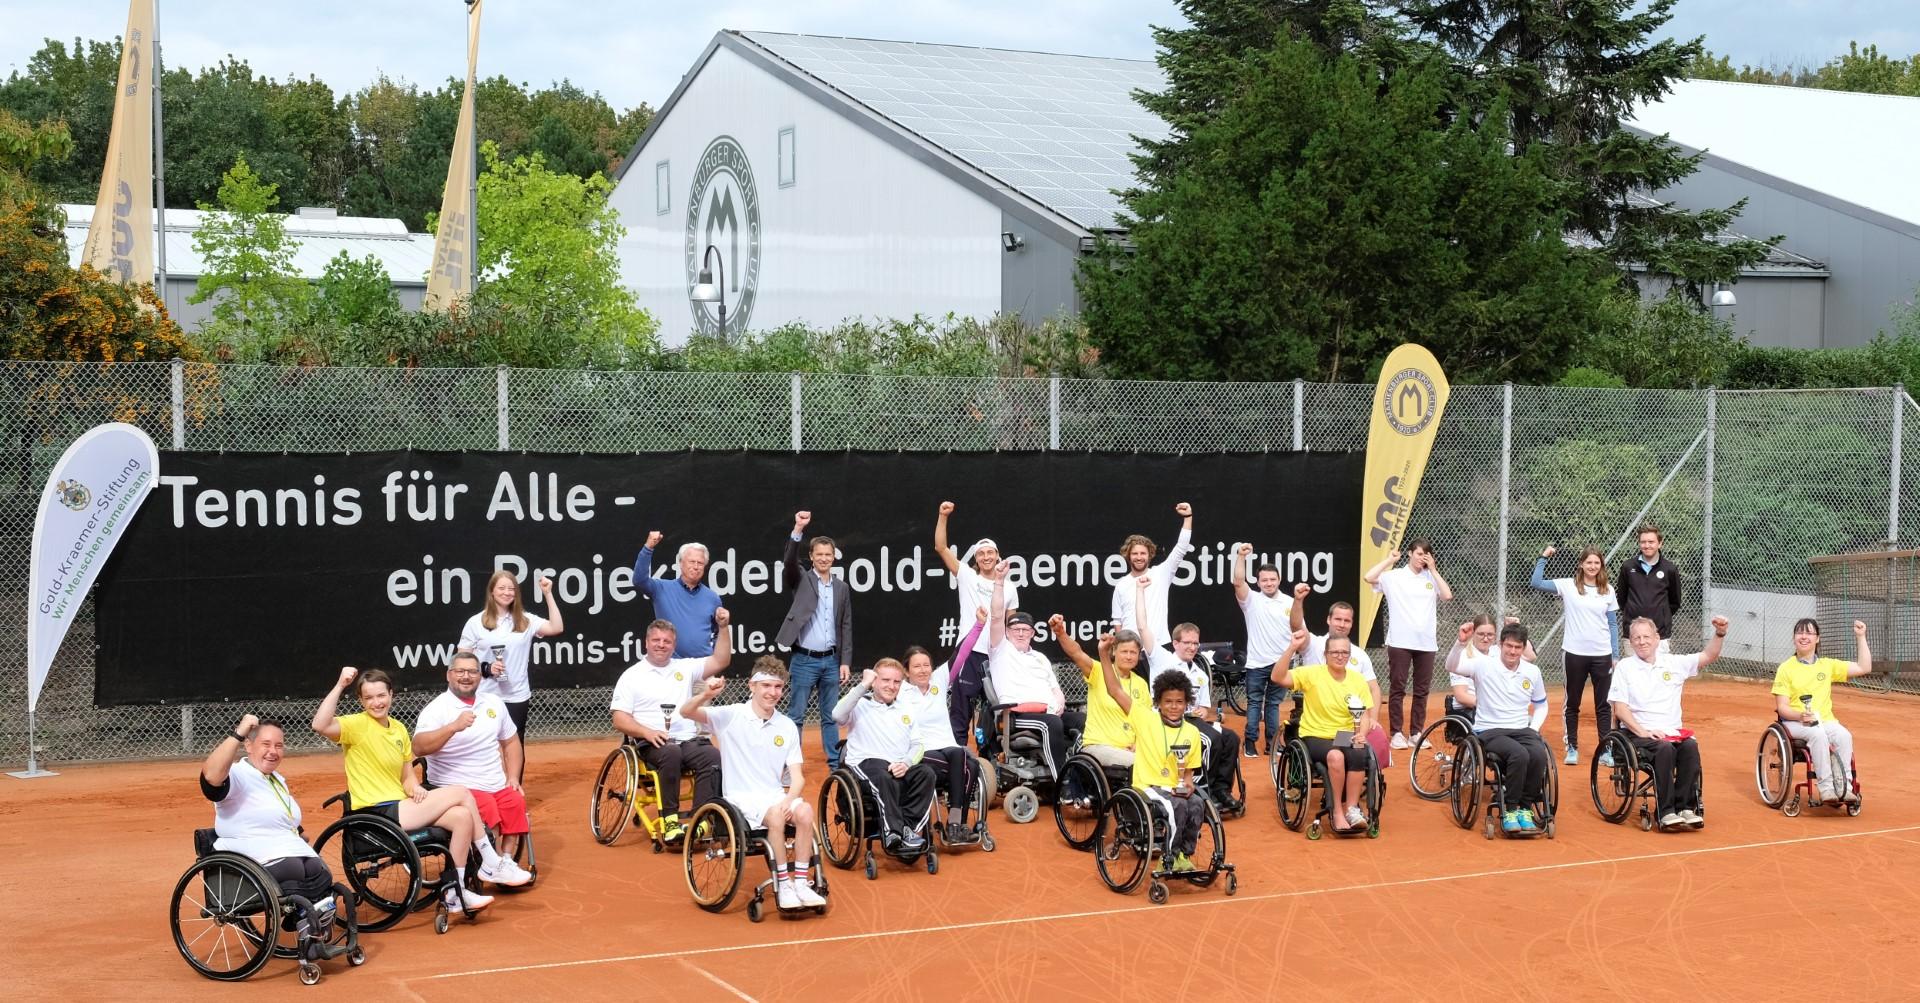 Gruppenfoto vom Tennisturnier